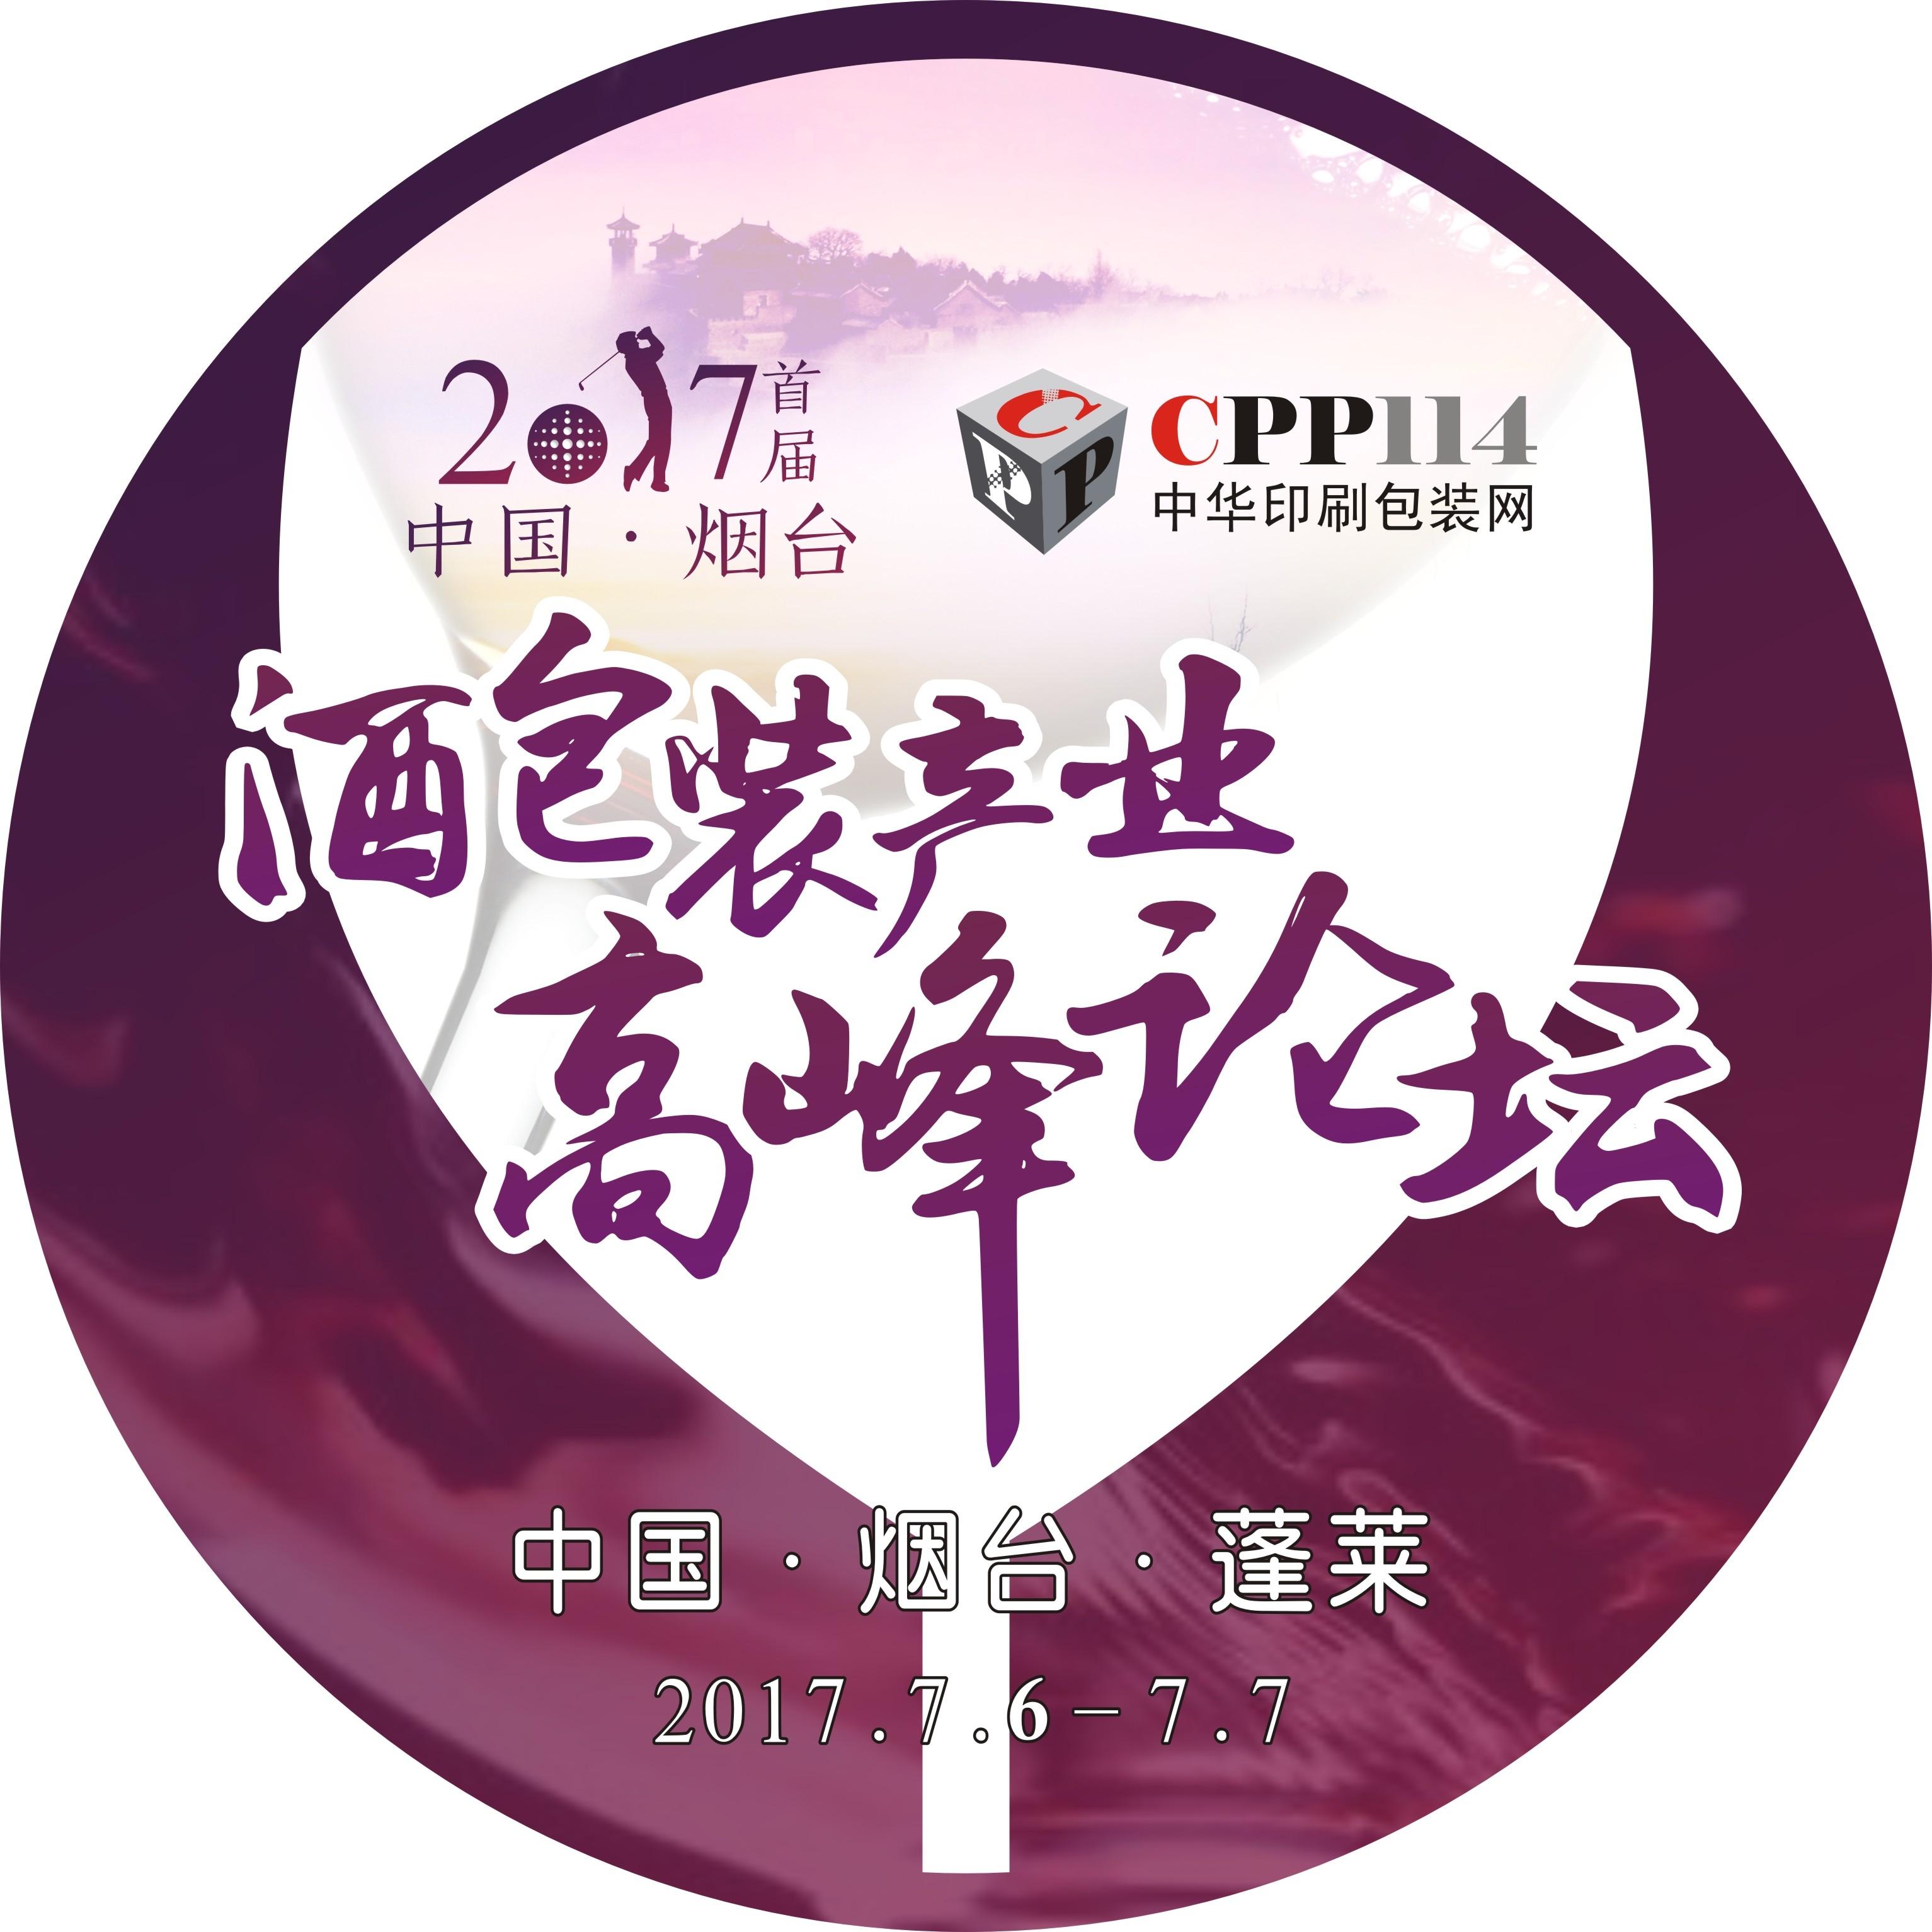 2017年酒包装产业高峰论坛